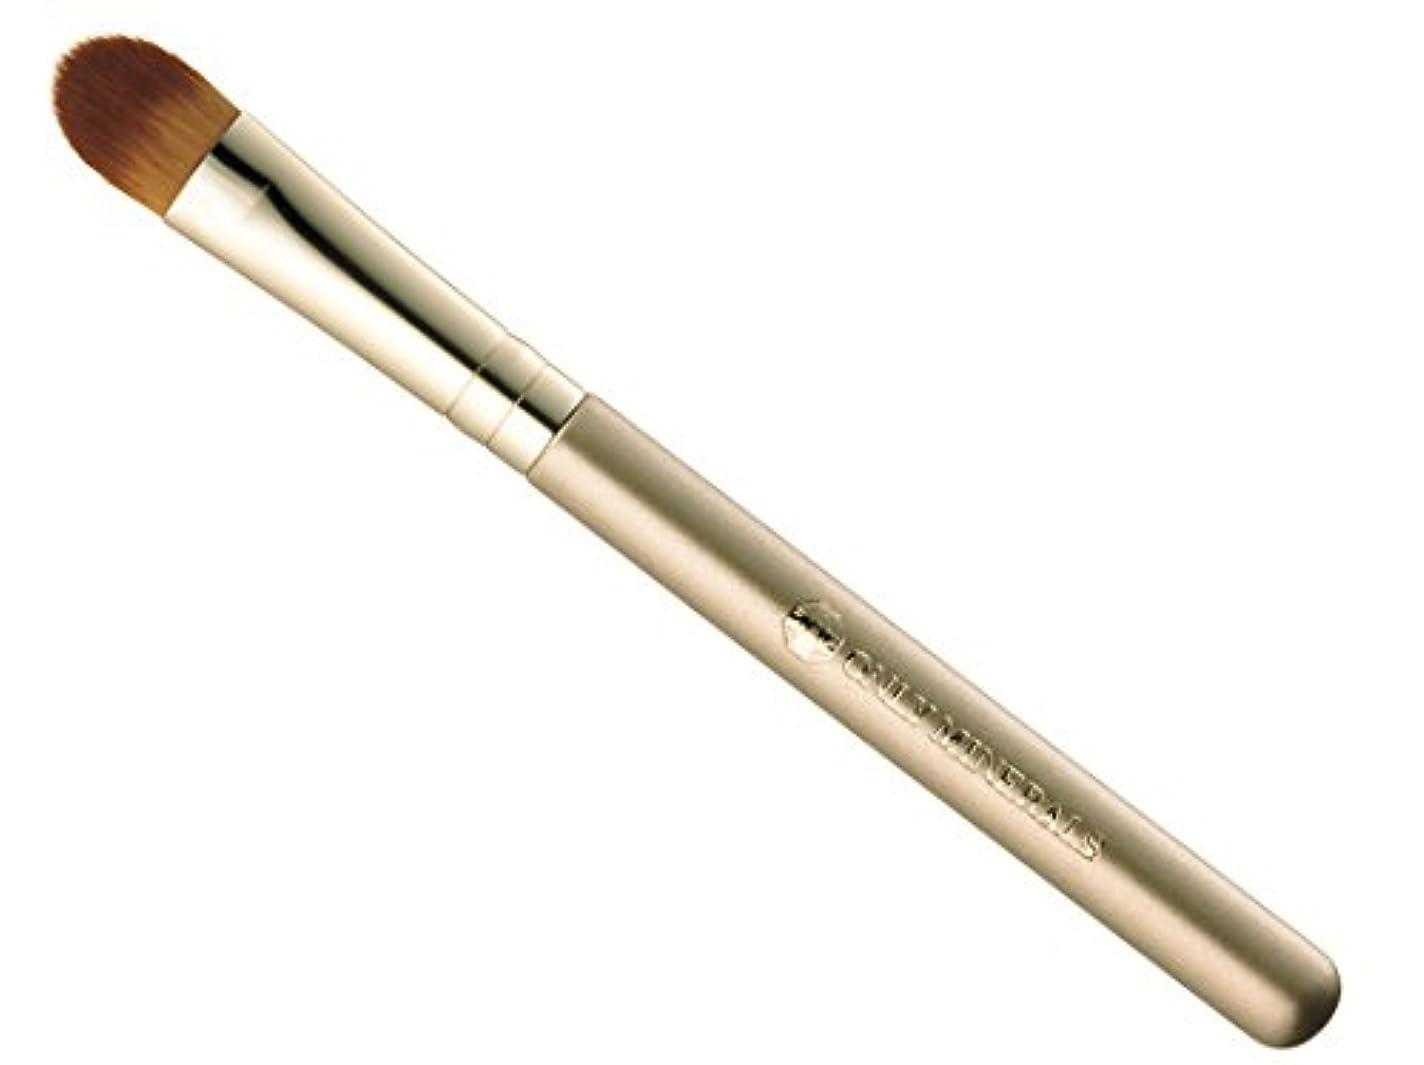 成功一貫したシルエットオンリーミネラル コンシーラー&ハイライトブラシ 12.5cm